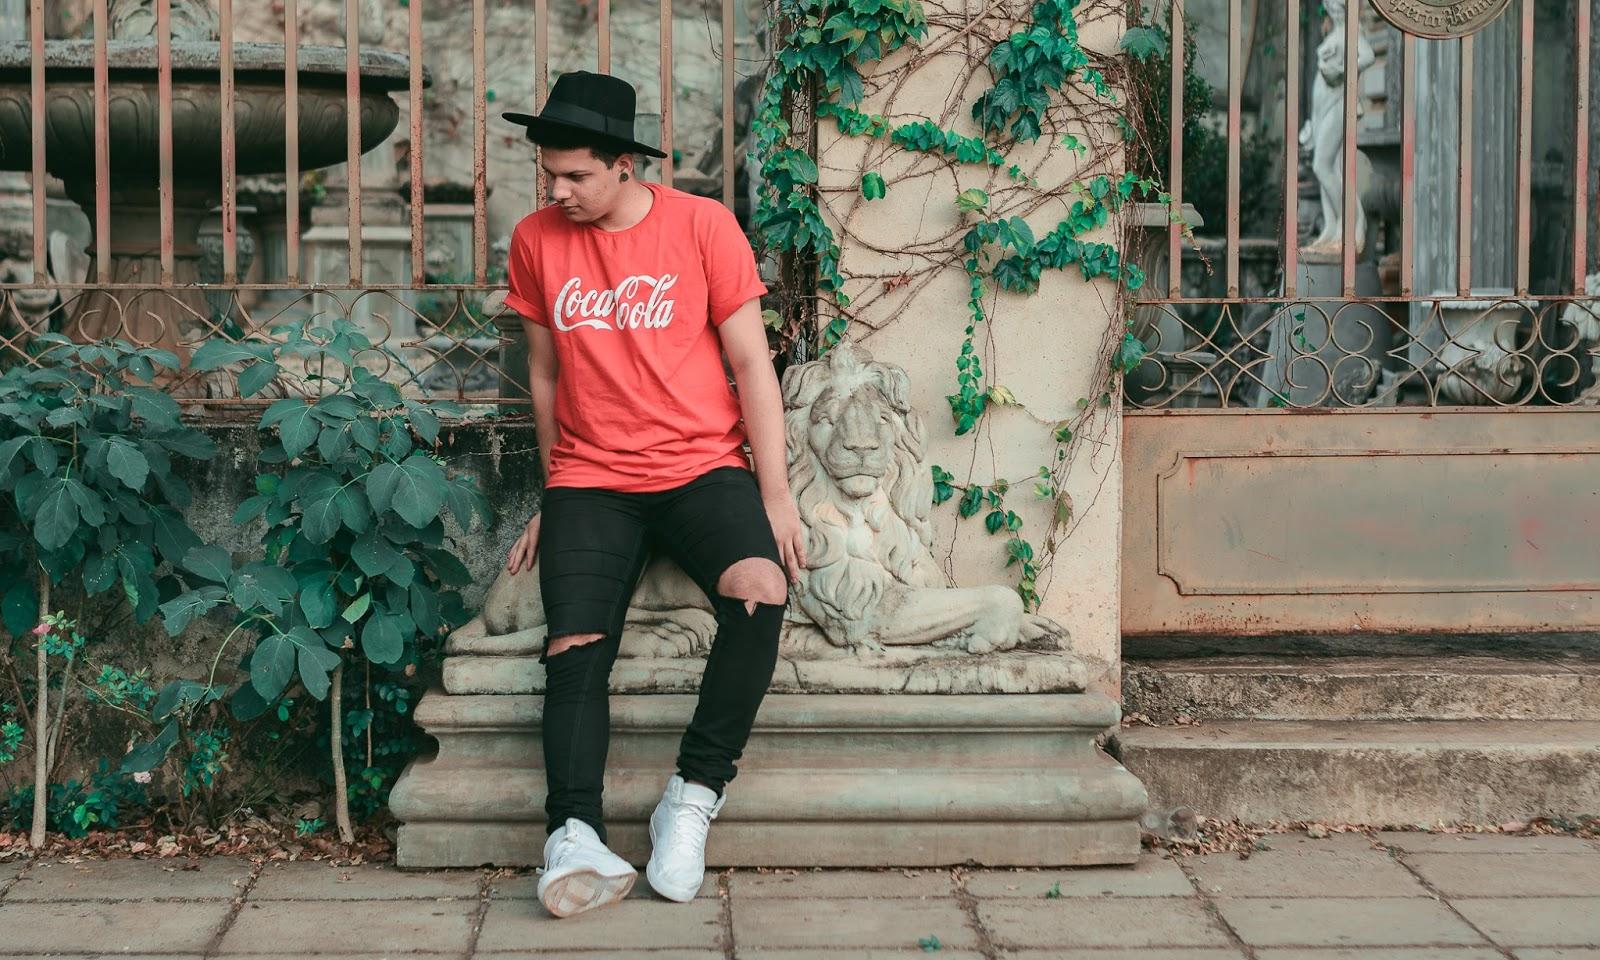 logomania moda masculina verão 2018 look com calça preta, tenis branco e camiseta vermelha